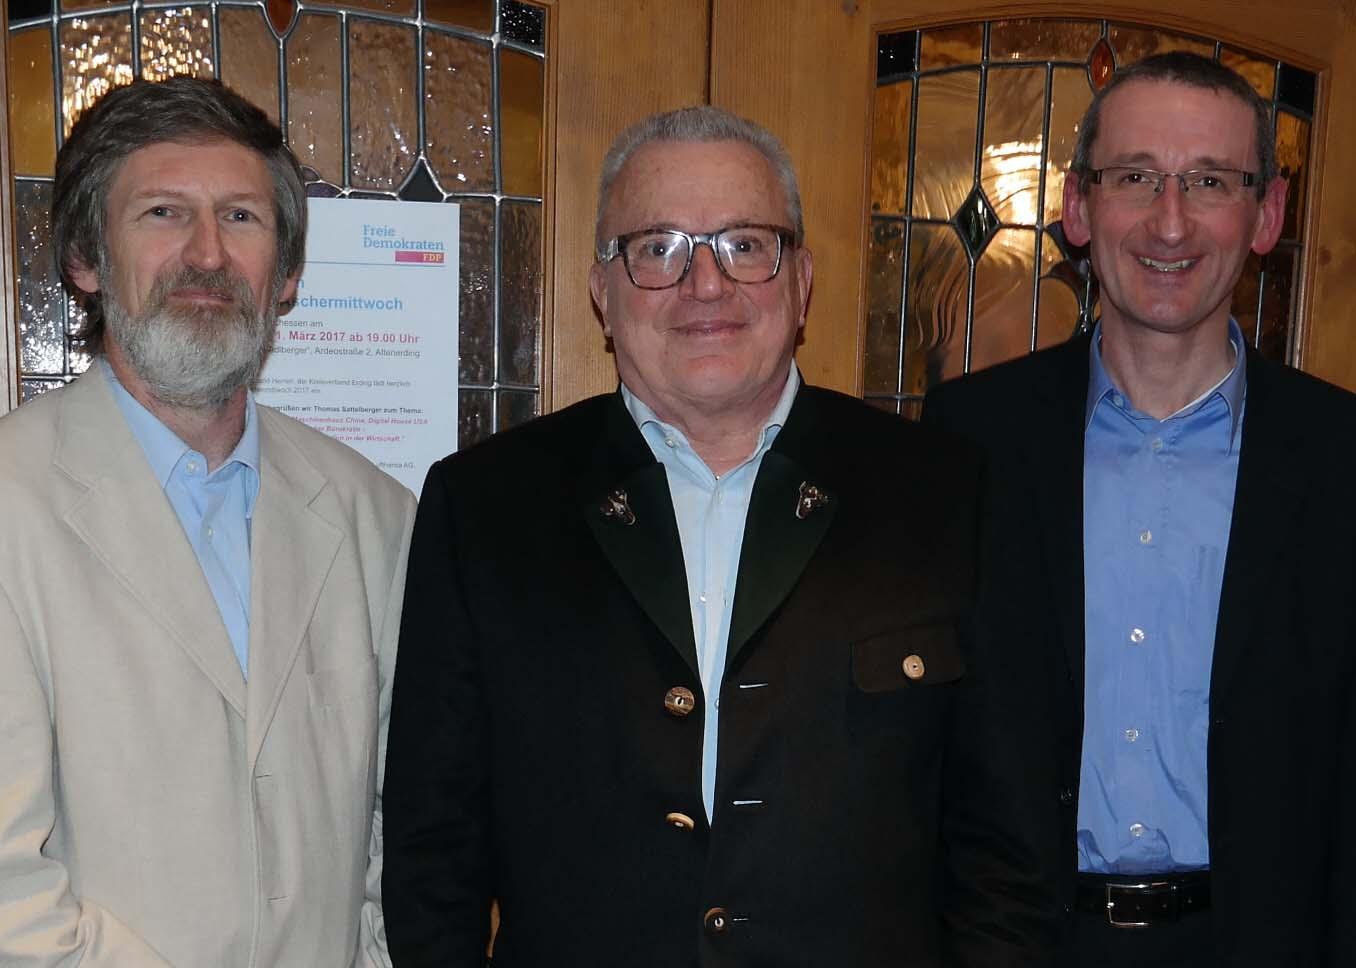 Peter Pernsteiner, Thomas Sattelberger und Thomas Schuster